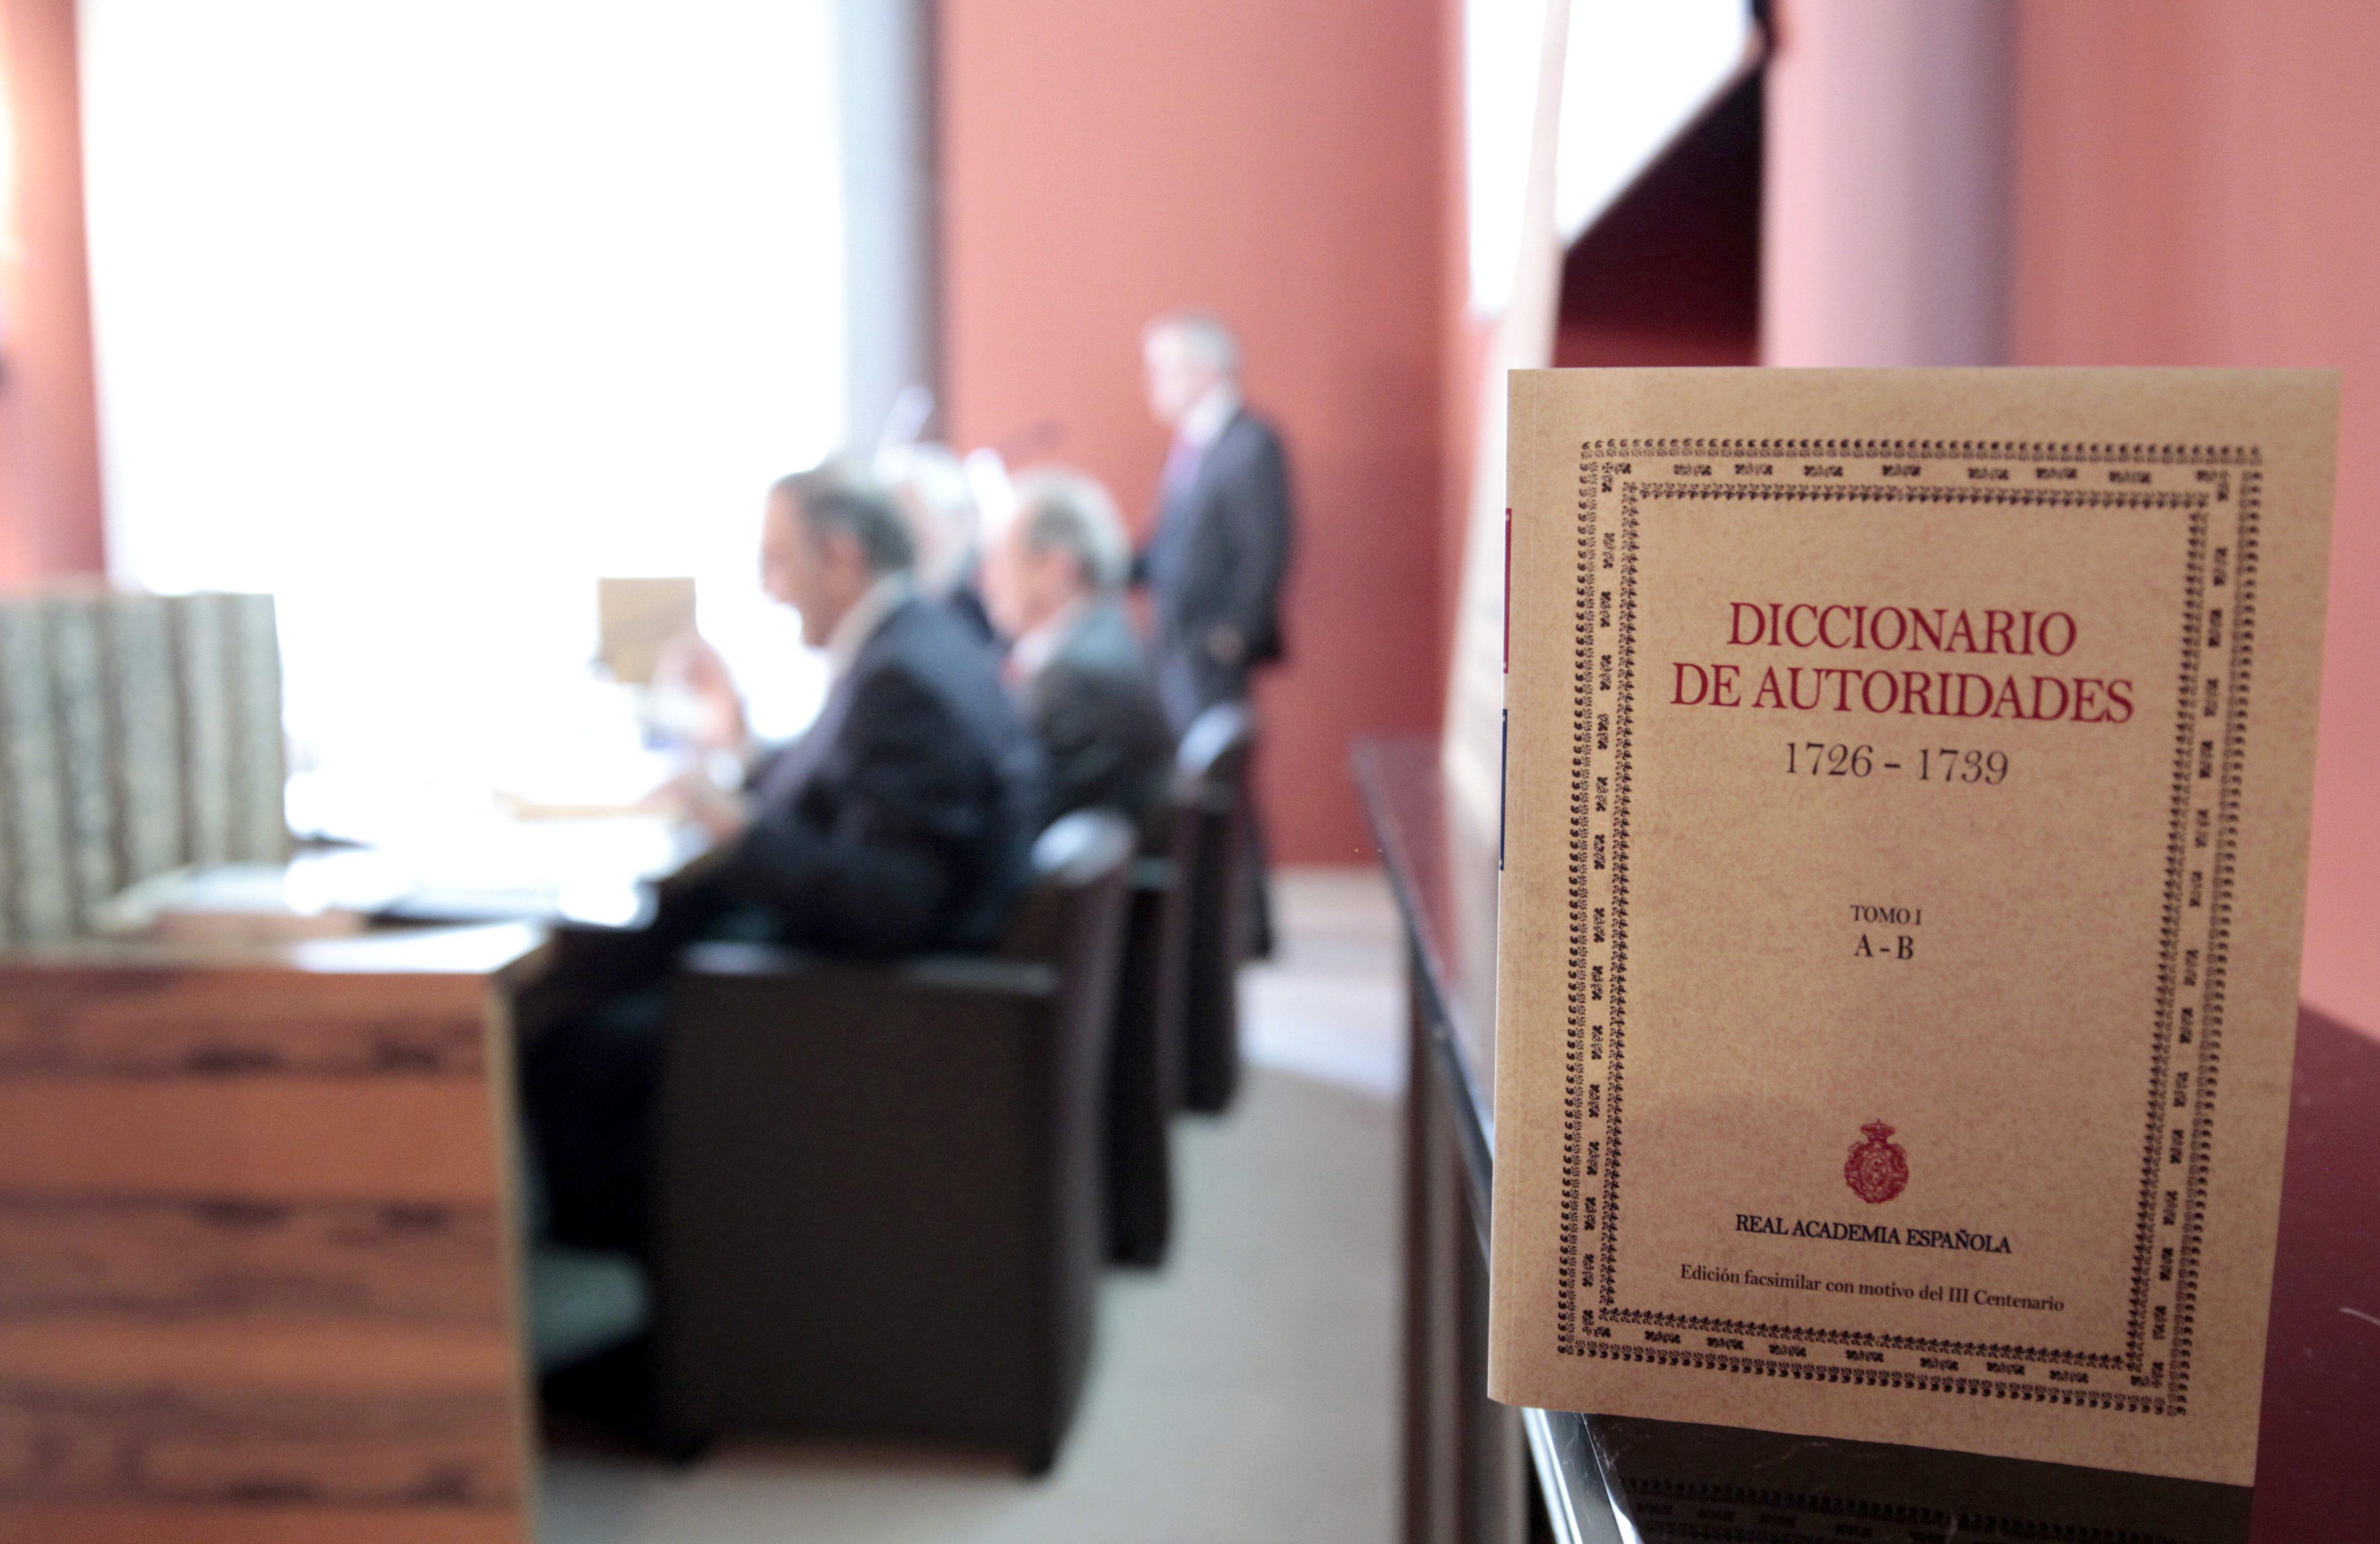 Publican una edición facsimilar del Diccionario de Autoridades de la RAE